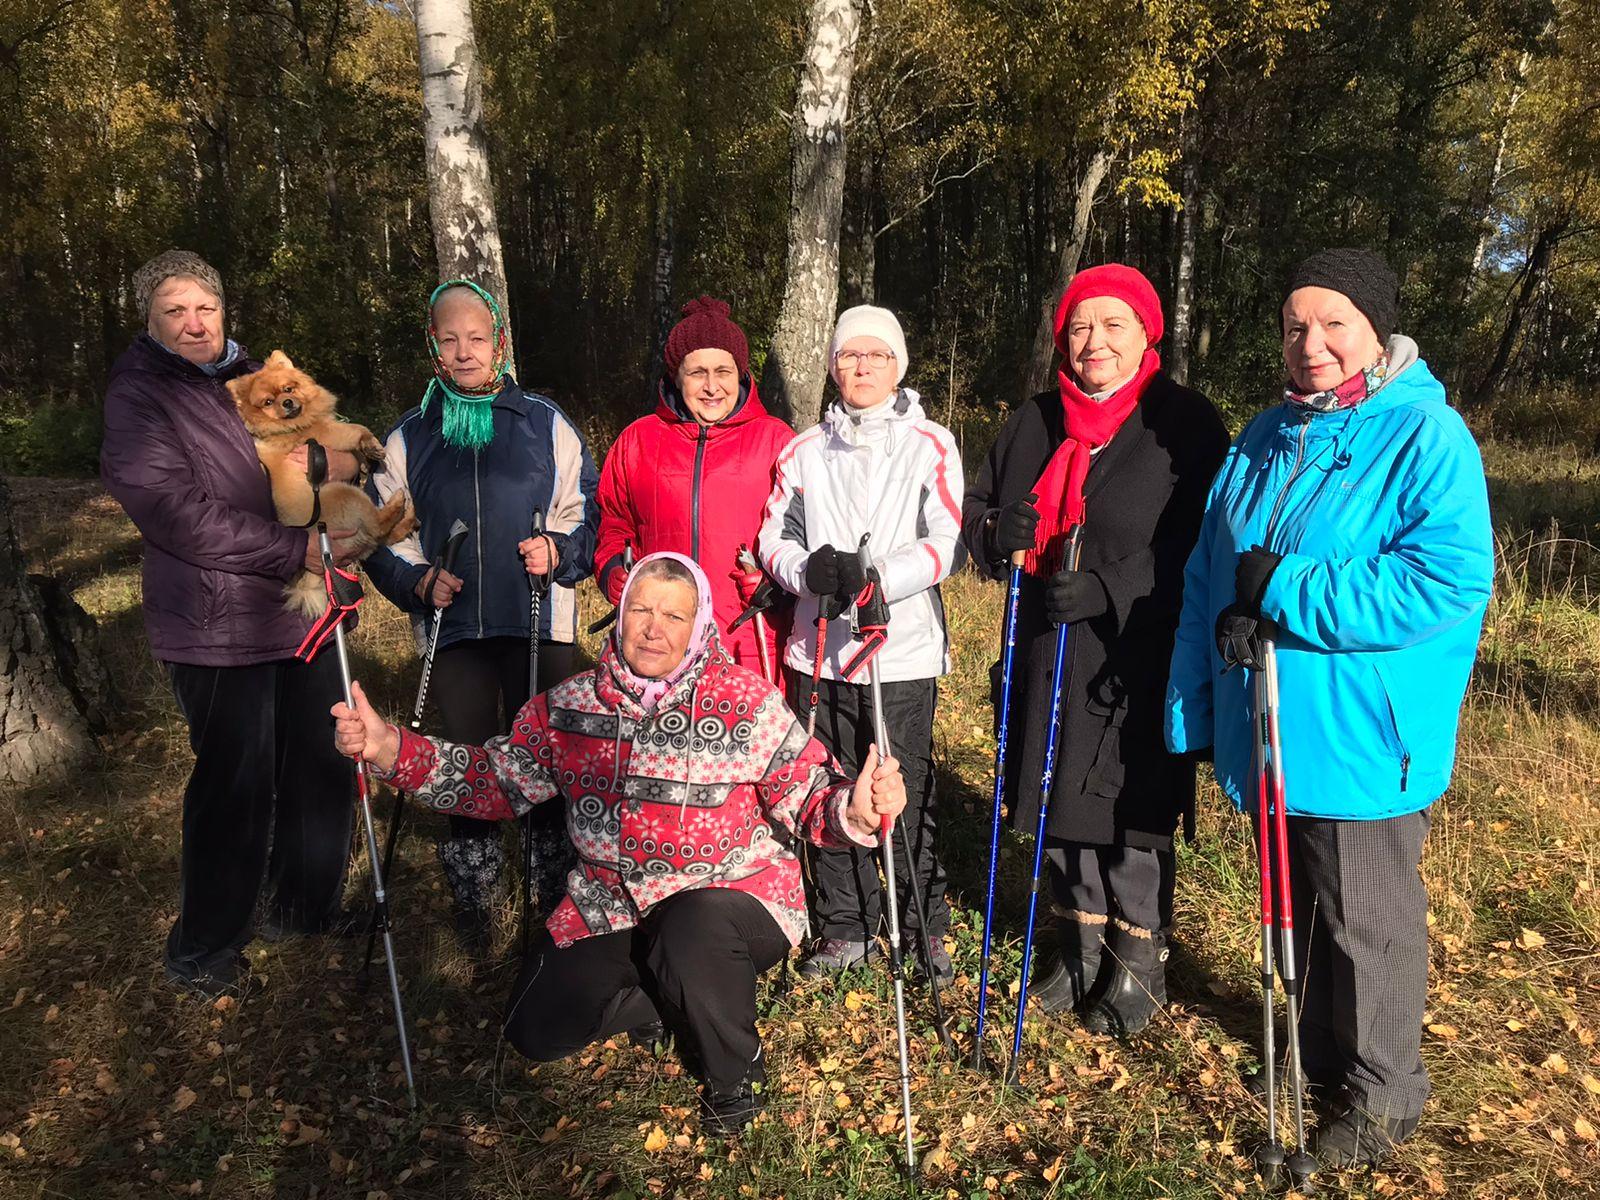 Занятие по скандинавской ходьбе провели для жителей поселения Роговское